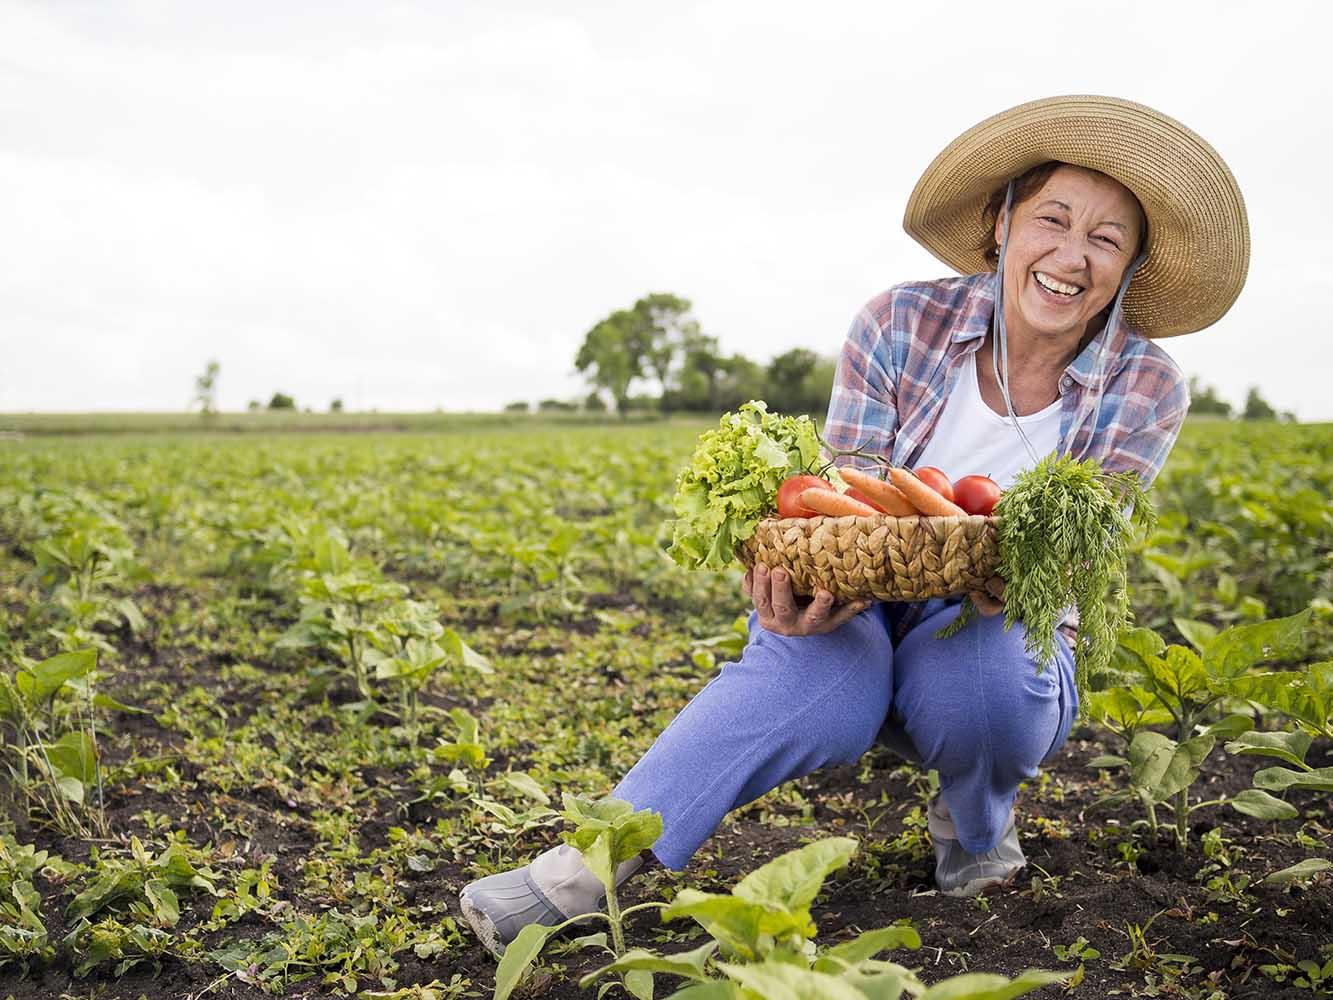 Sebze Toplayan Kadın